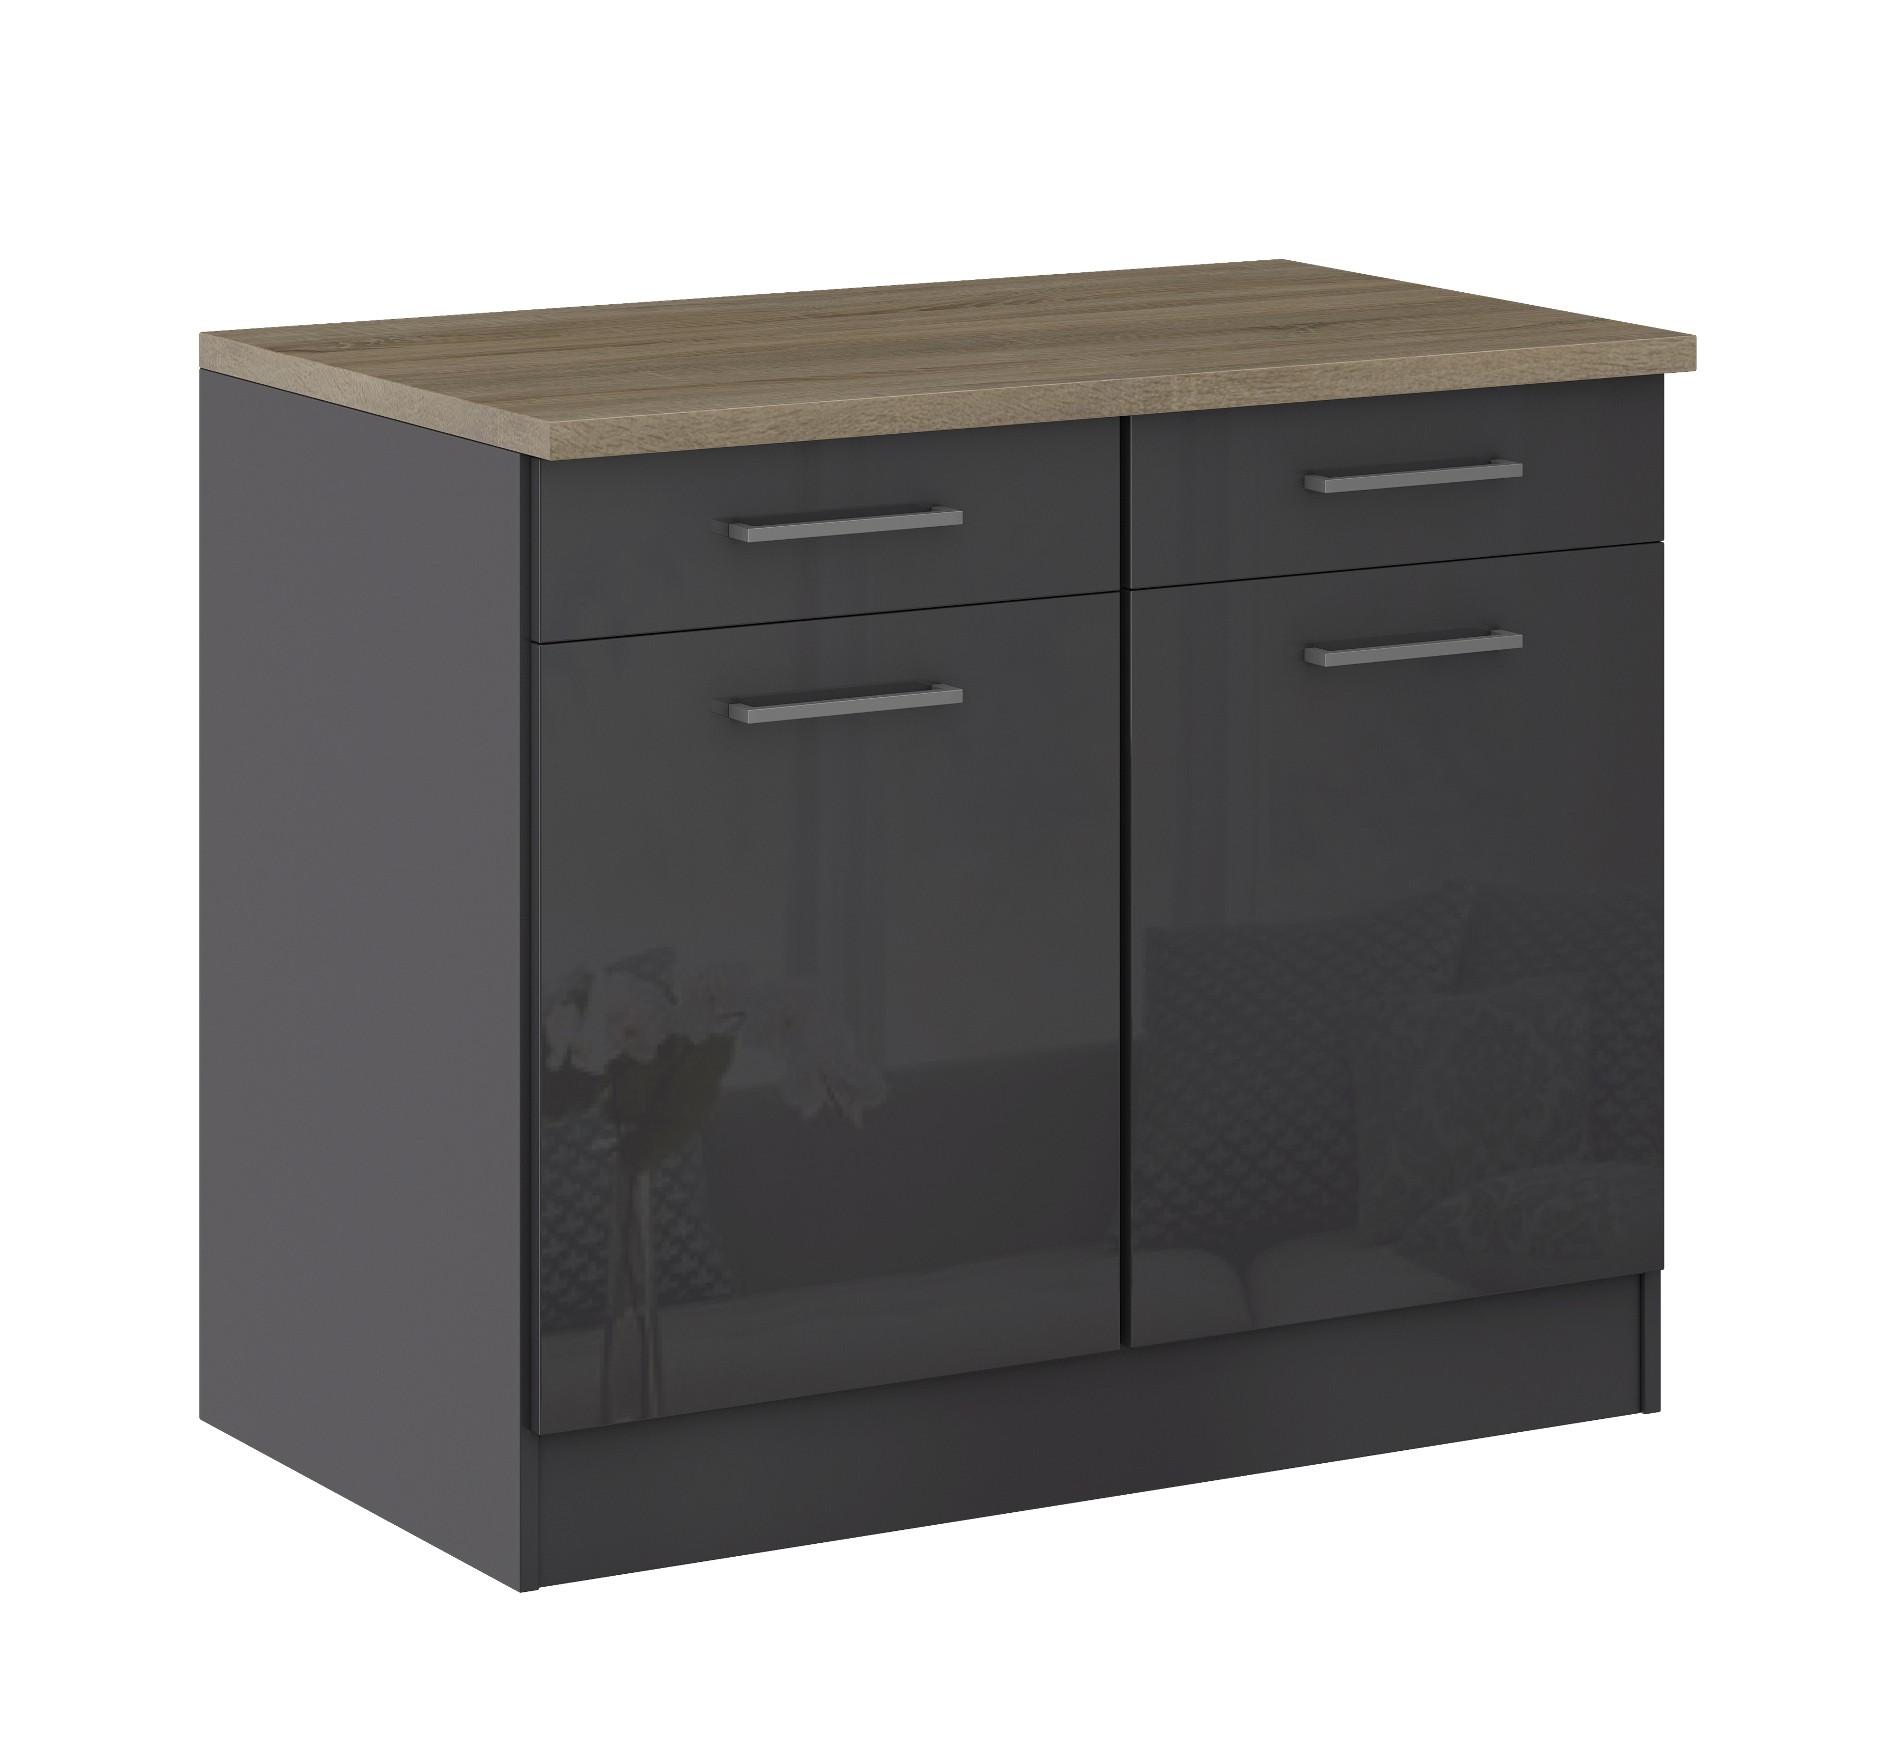 k chen unterschrank m nchen 2 t rig 100 cm breit. Black Bedroom Furniture Sets. Home Design Ideas